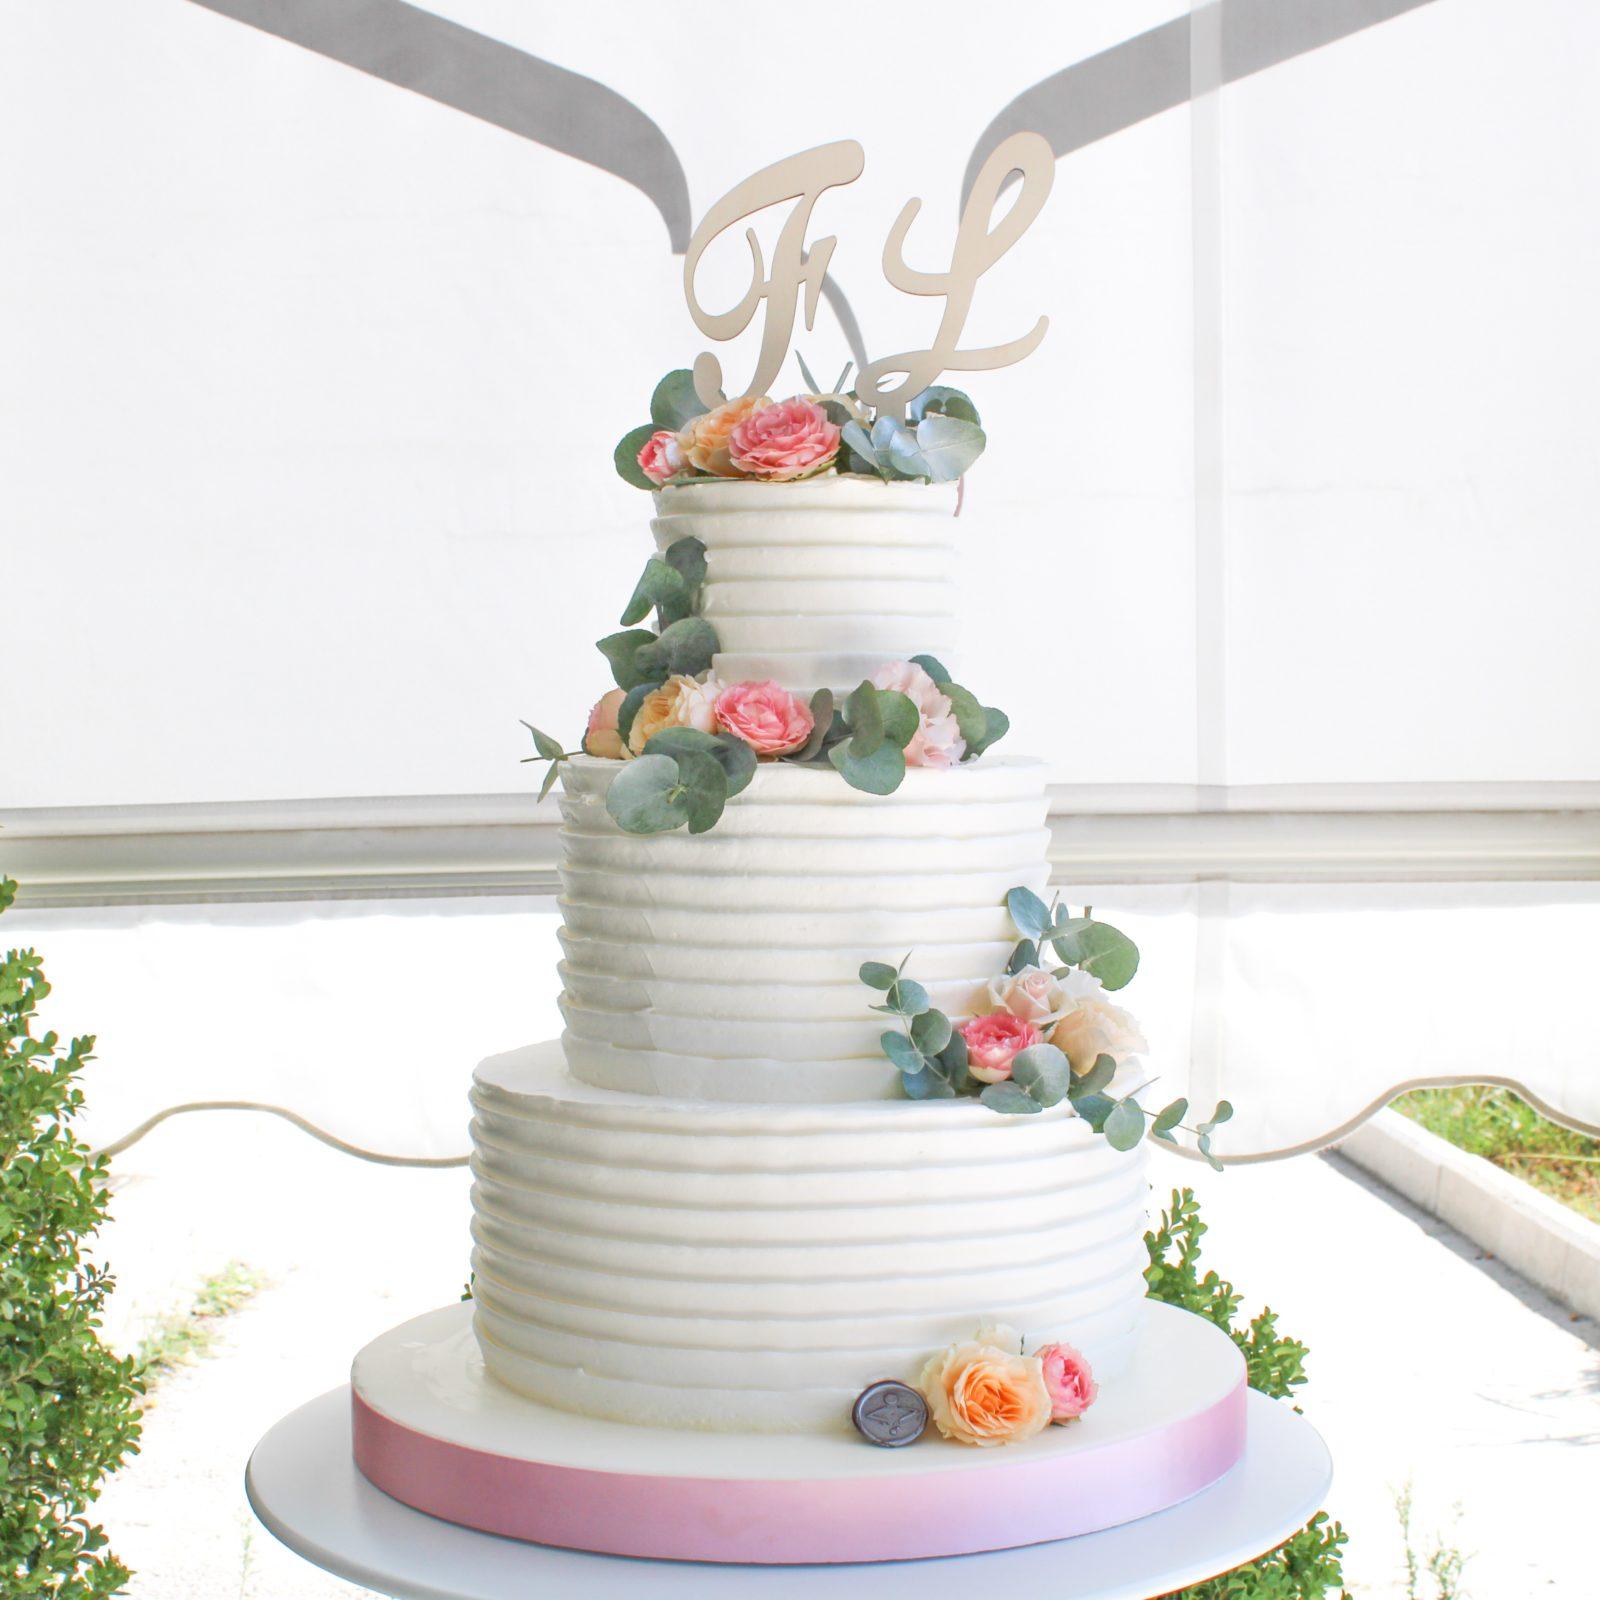 cake design, sposincampania, torta sposincampania, antonio ventieri cake design, sposi campania, sposi in campania, matrimoni campania, matrimonio campania, torte campania, antonio ventieri cake design capaccio paestum